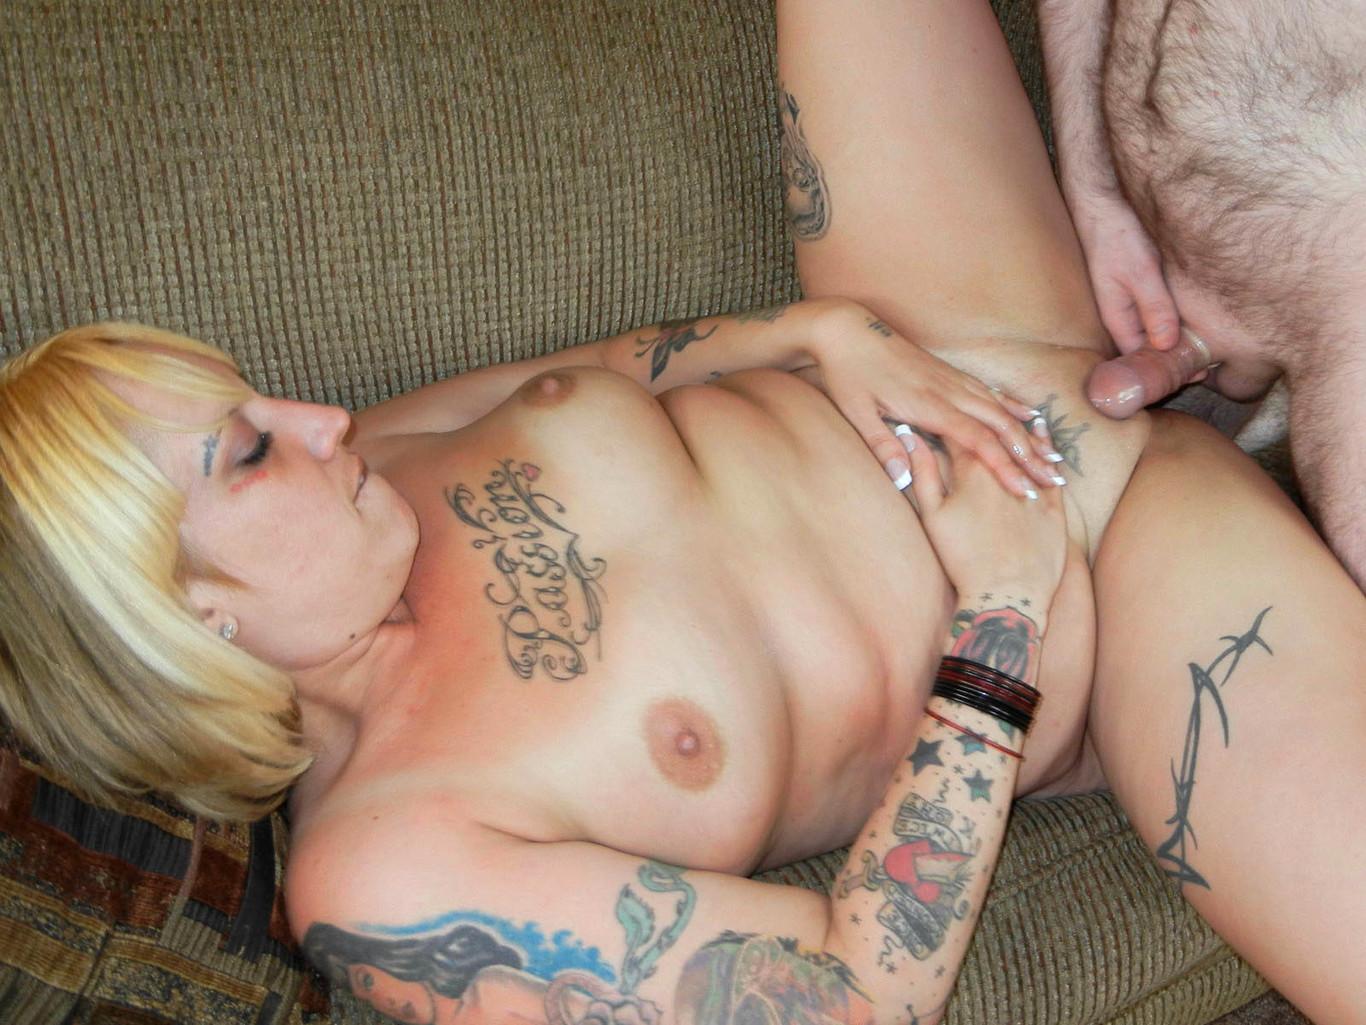 каждый секс порно с пирсингом групповуха красивая голая